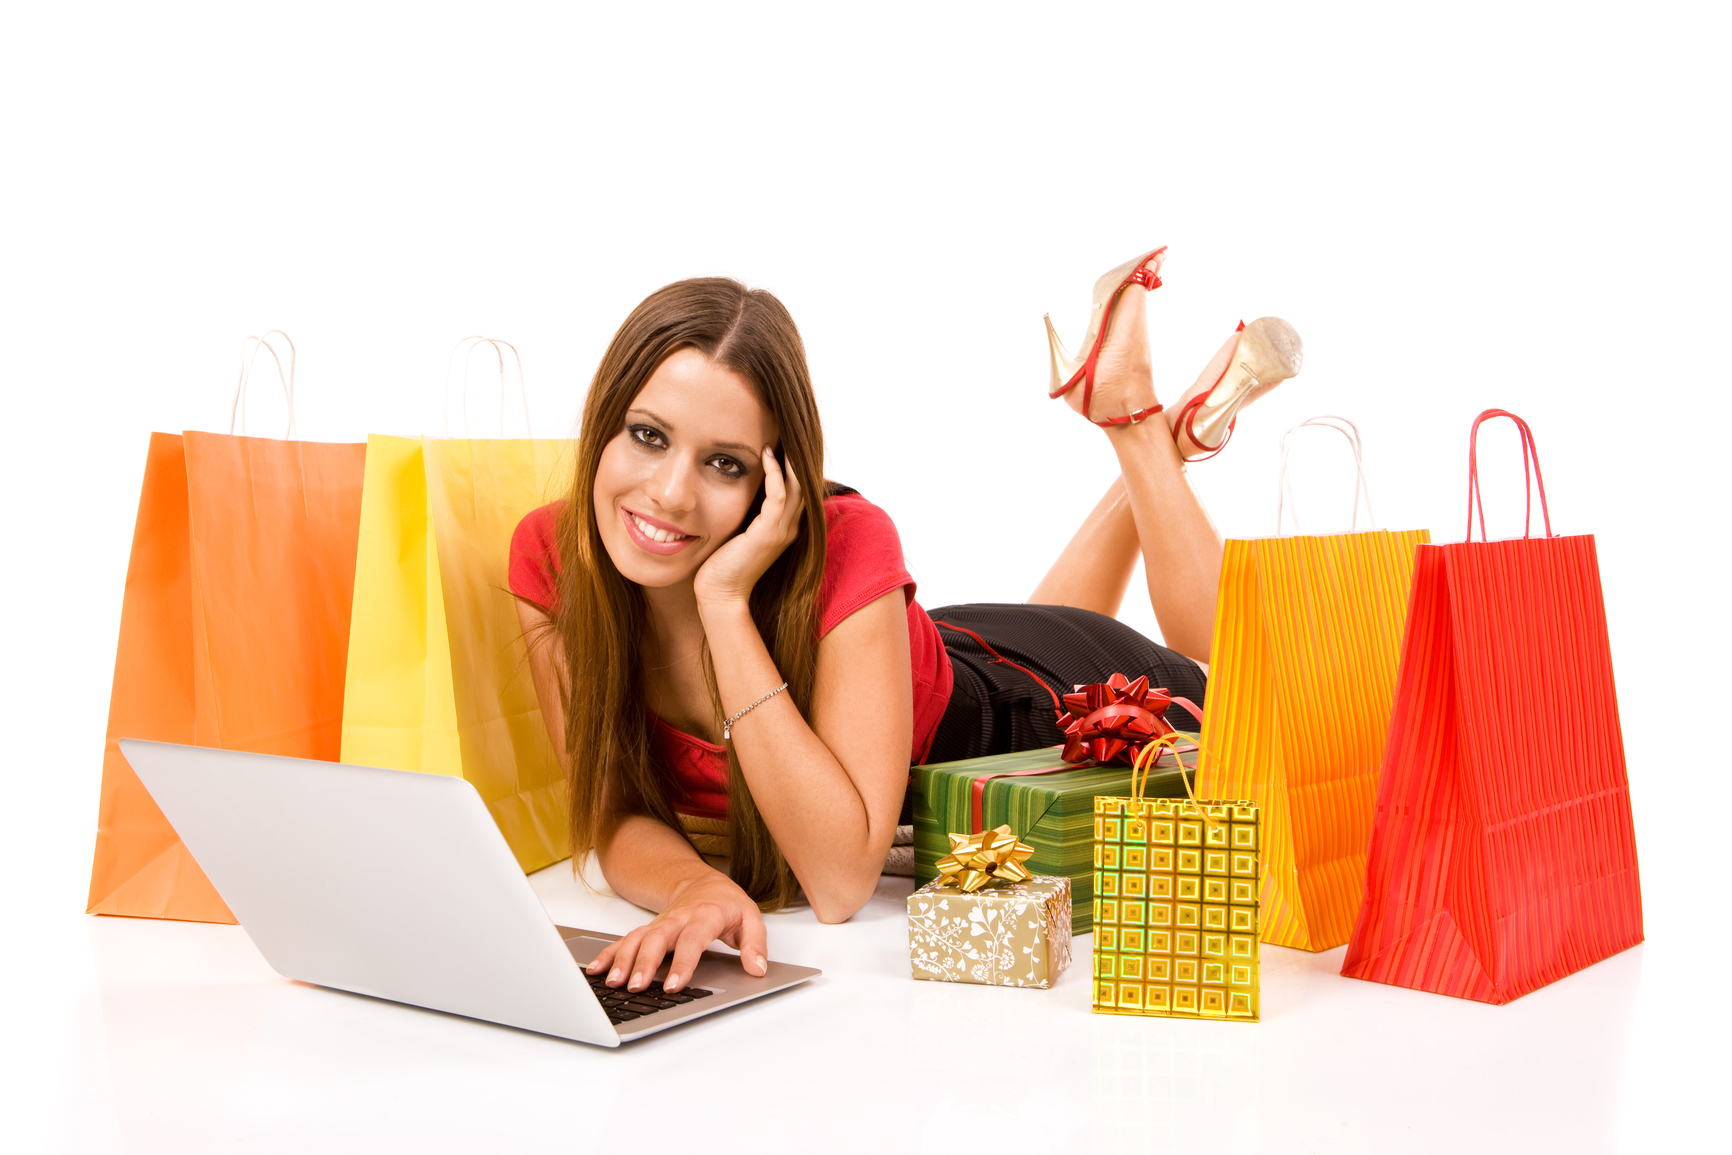 купить модную одежду